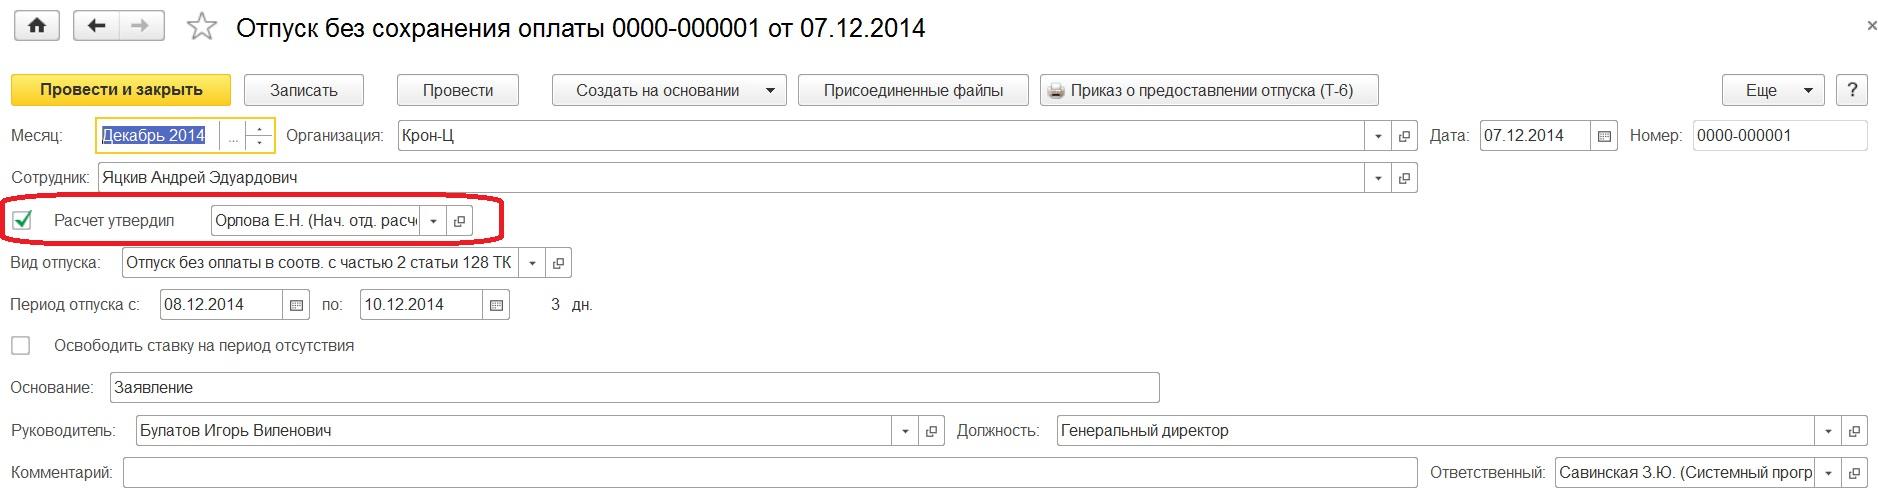 Июль 2012 православный календарь